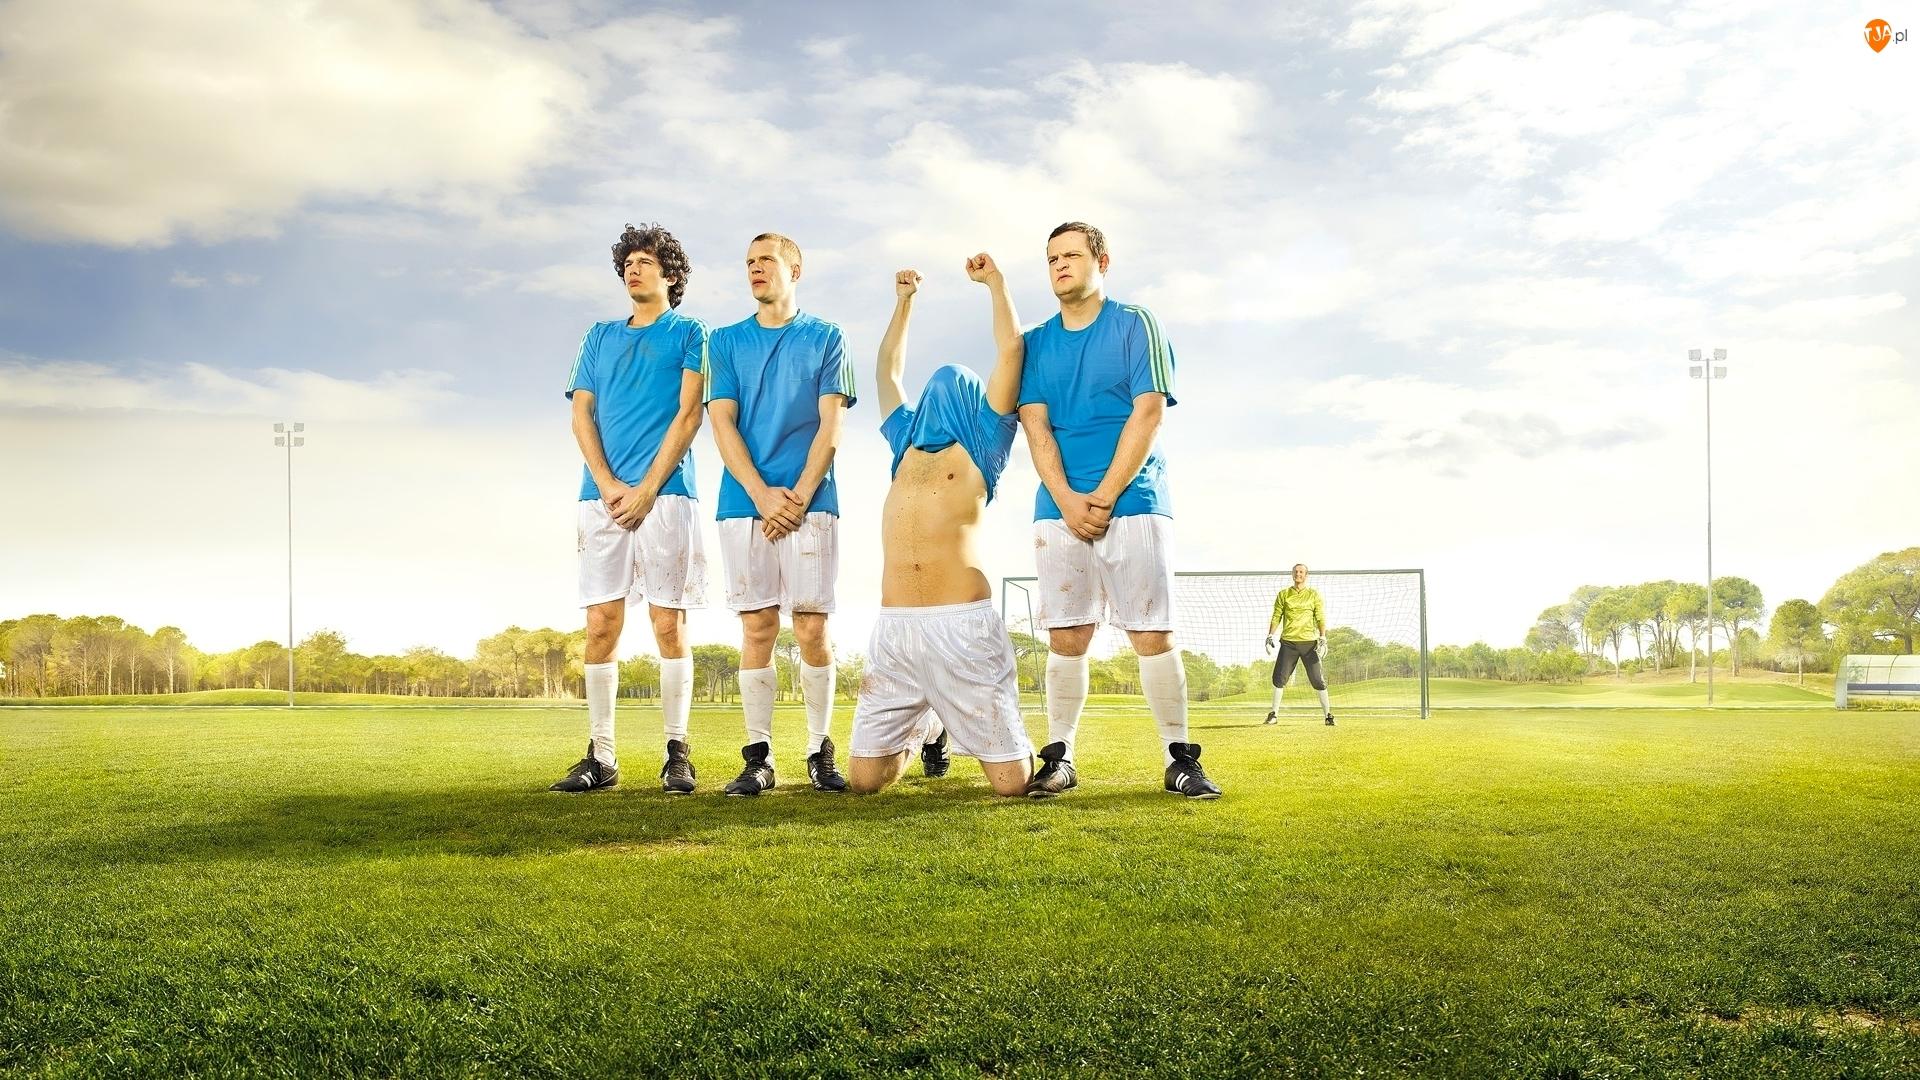 Piłkarze, Mur zawodników, Śmieszne, Humor, Bramka